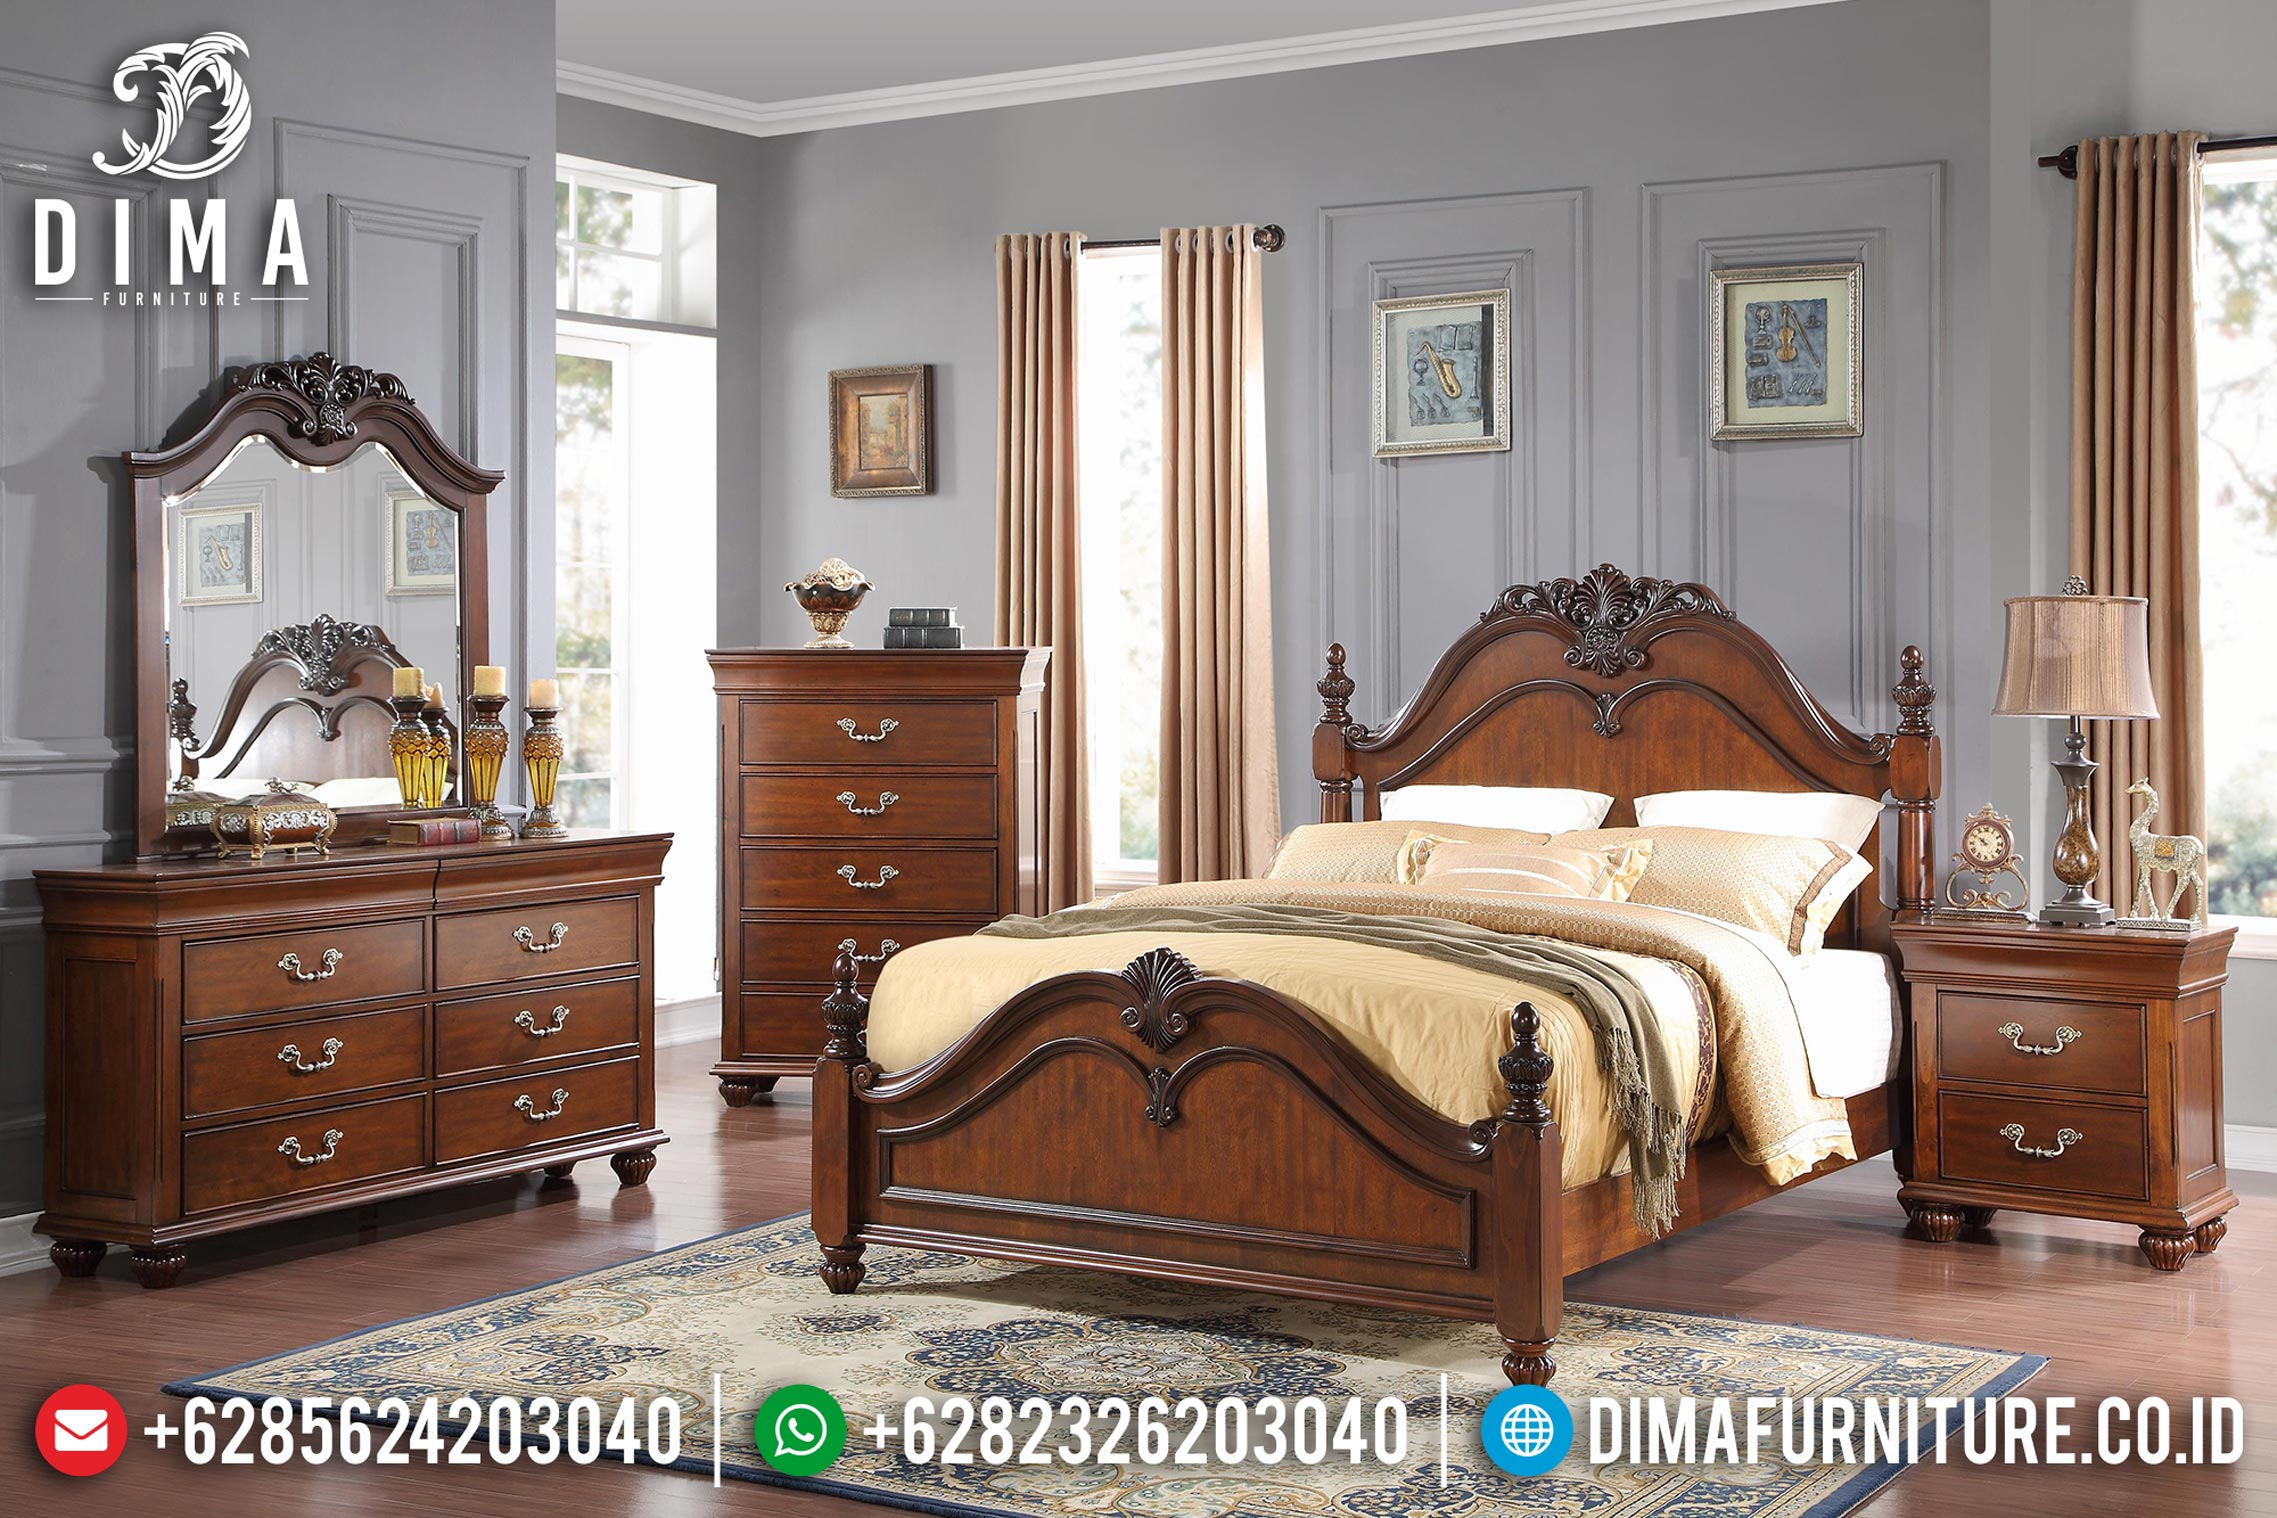 Kamar Set Tempat Tidur Jepara Jati Minimalis Tryana MMJ-0069